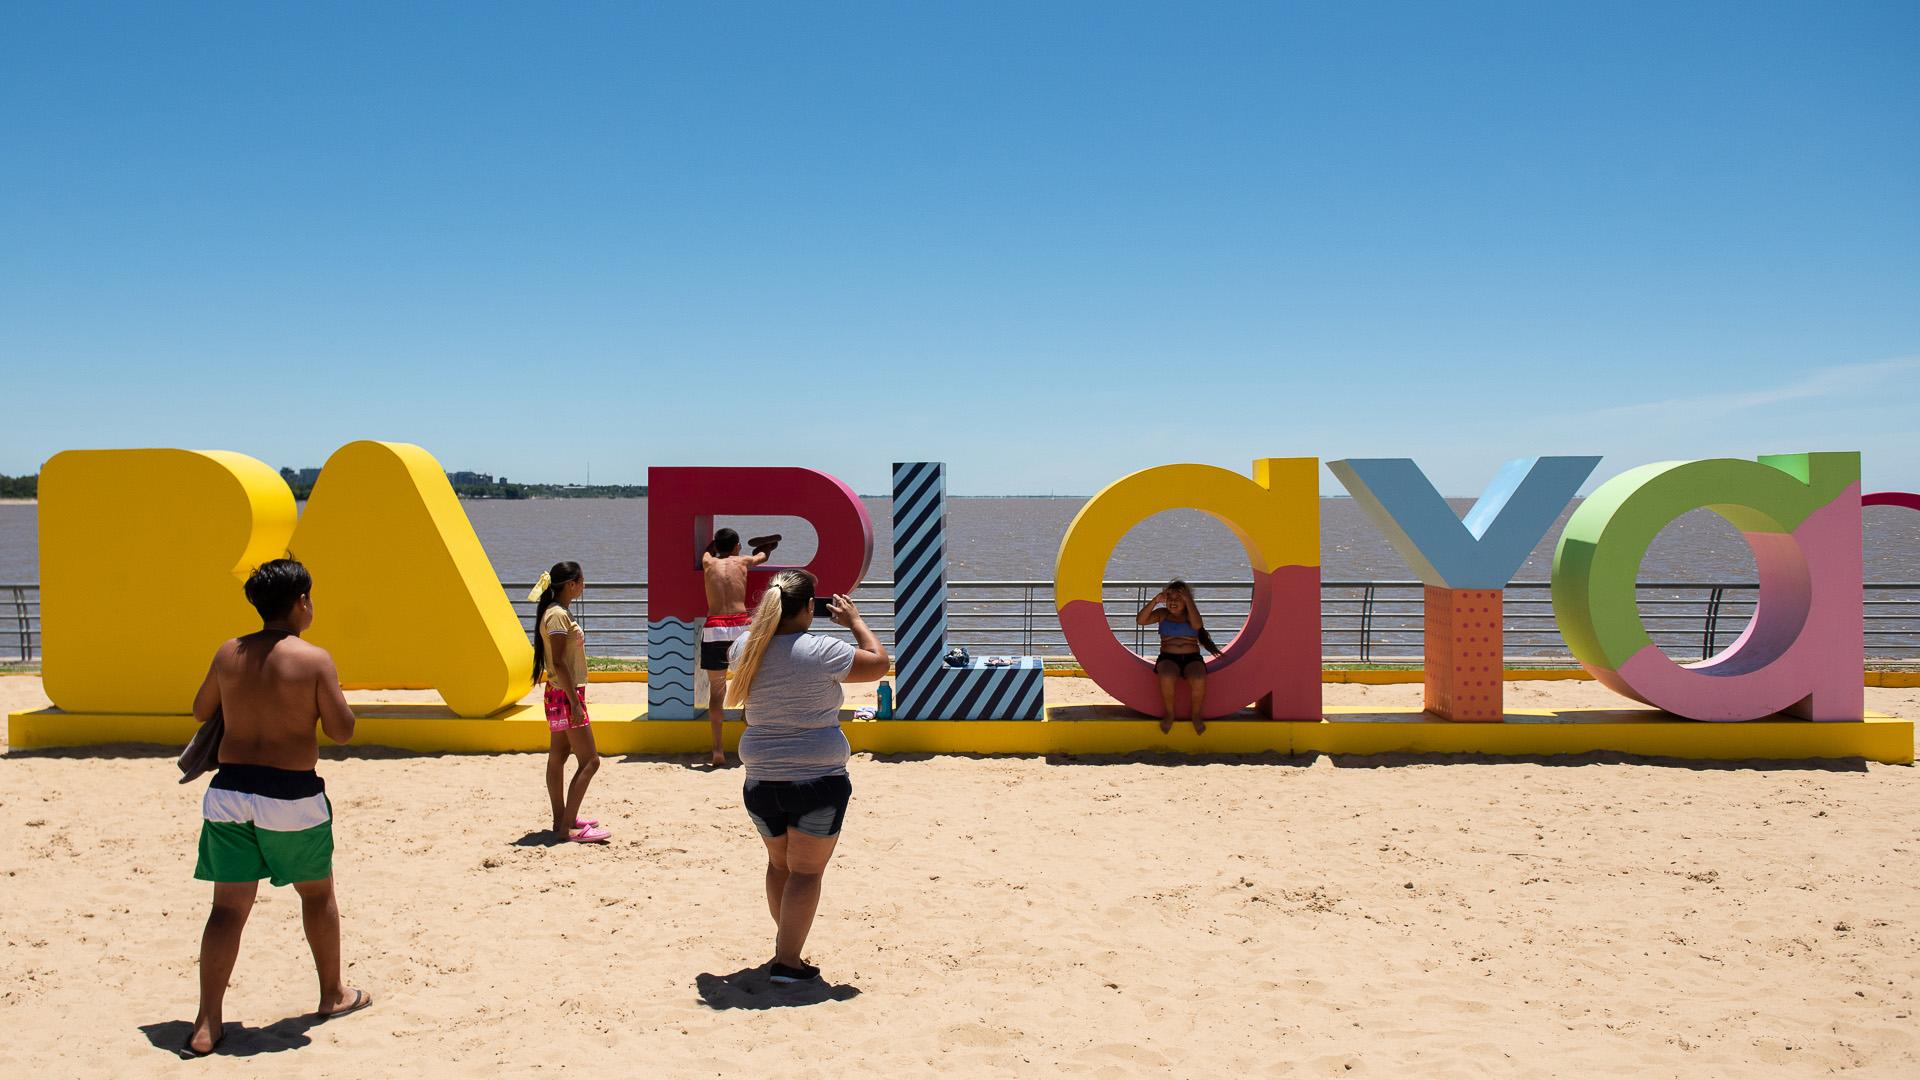 La palestra de Buenos Aires Playa, un lugar ideal para sacarse fotos frente al río